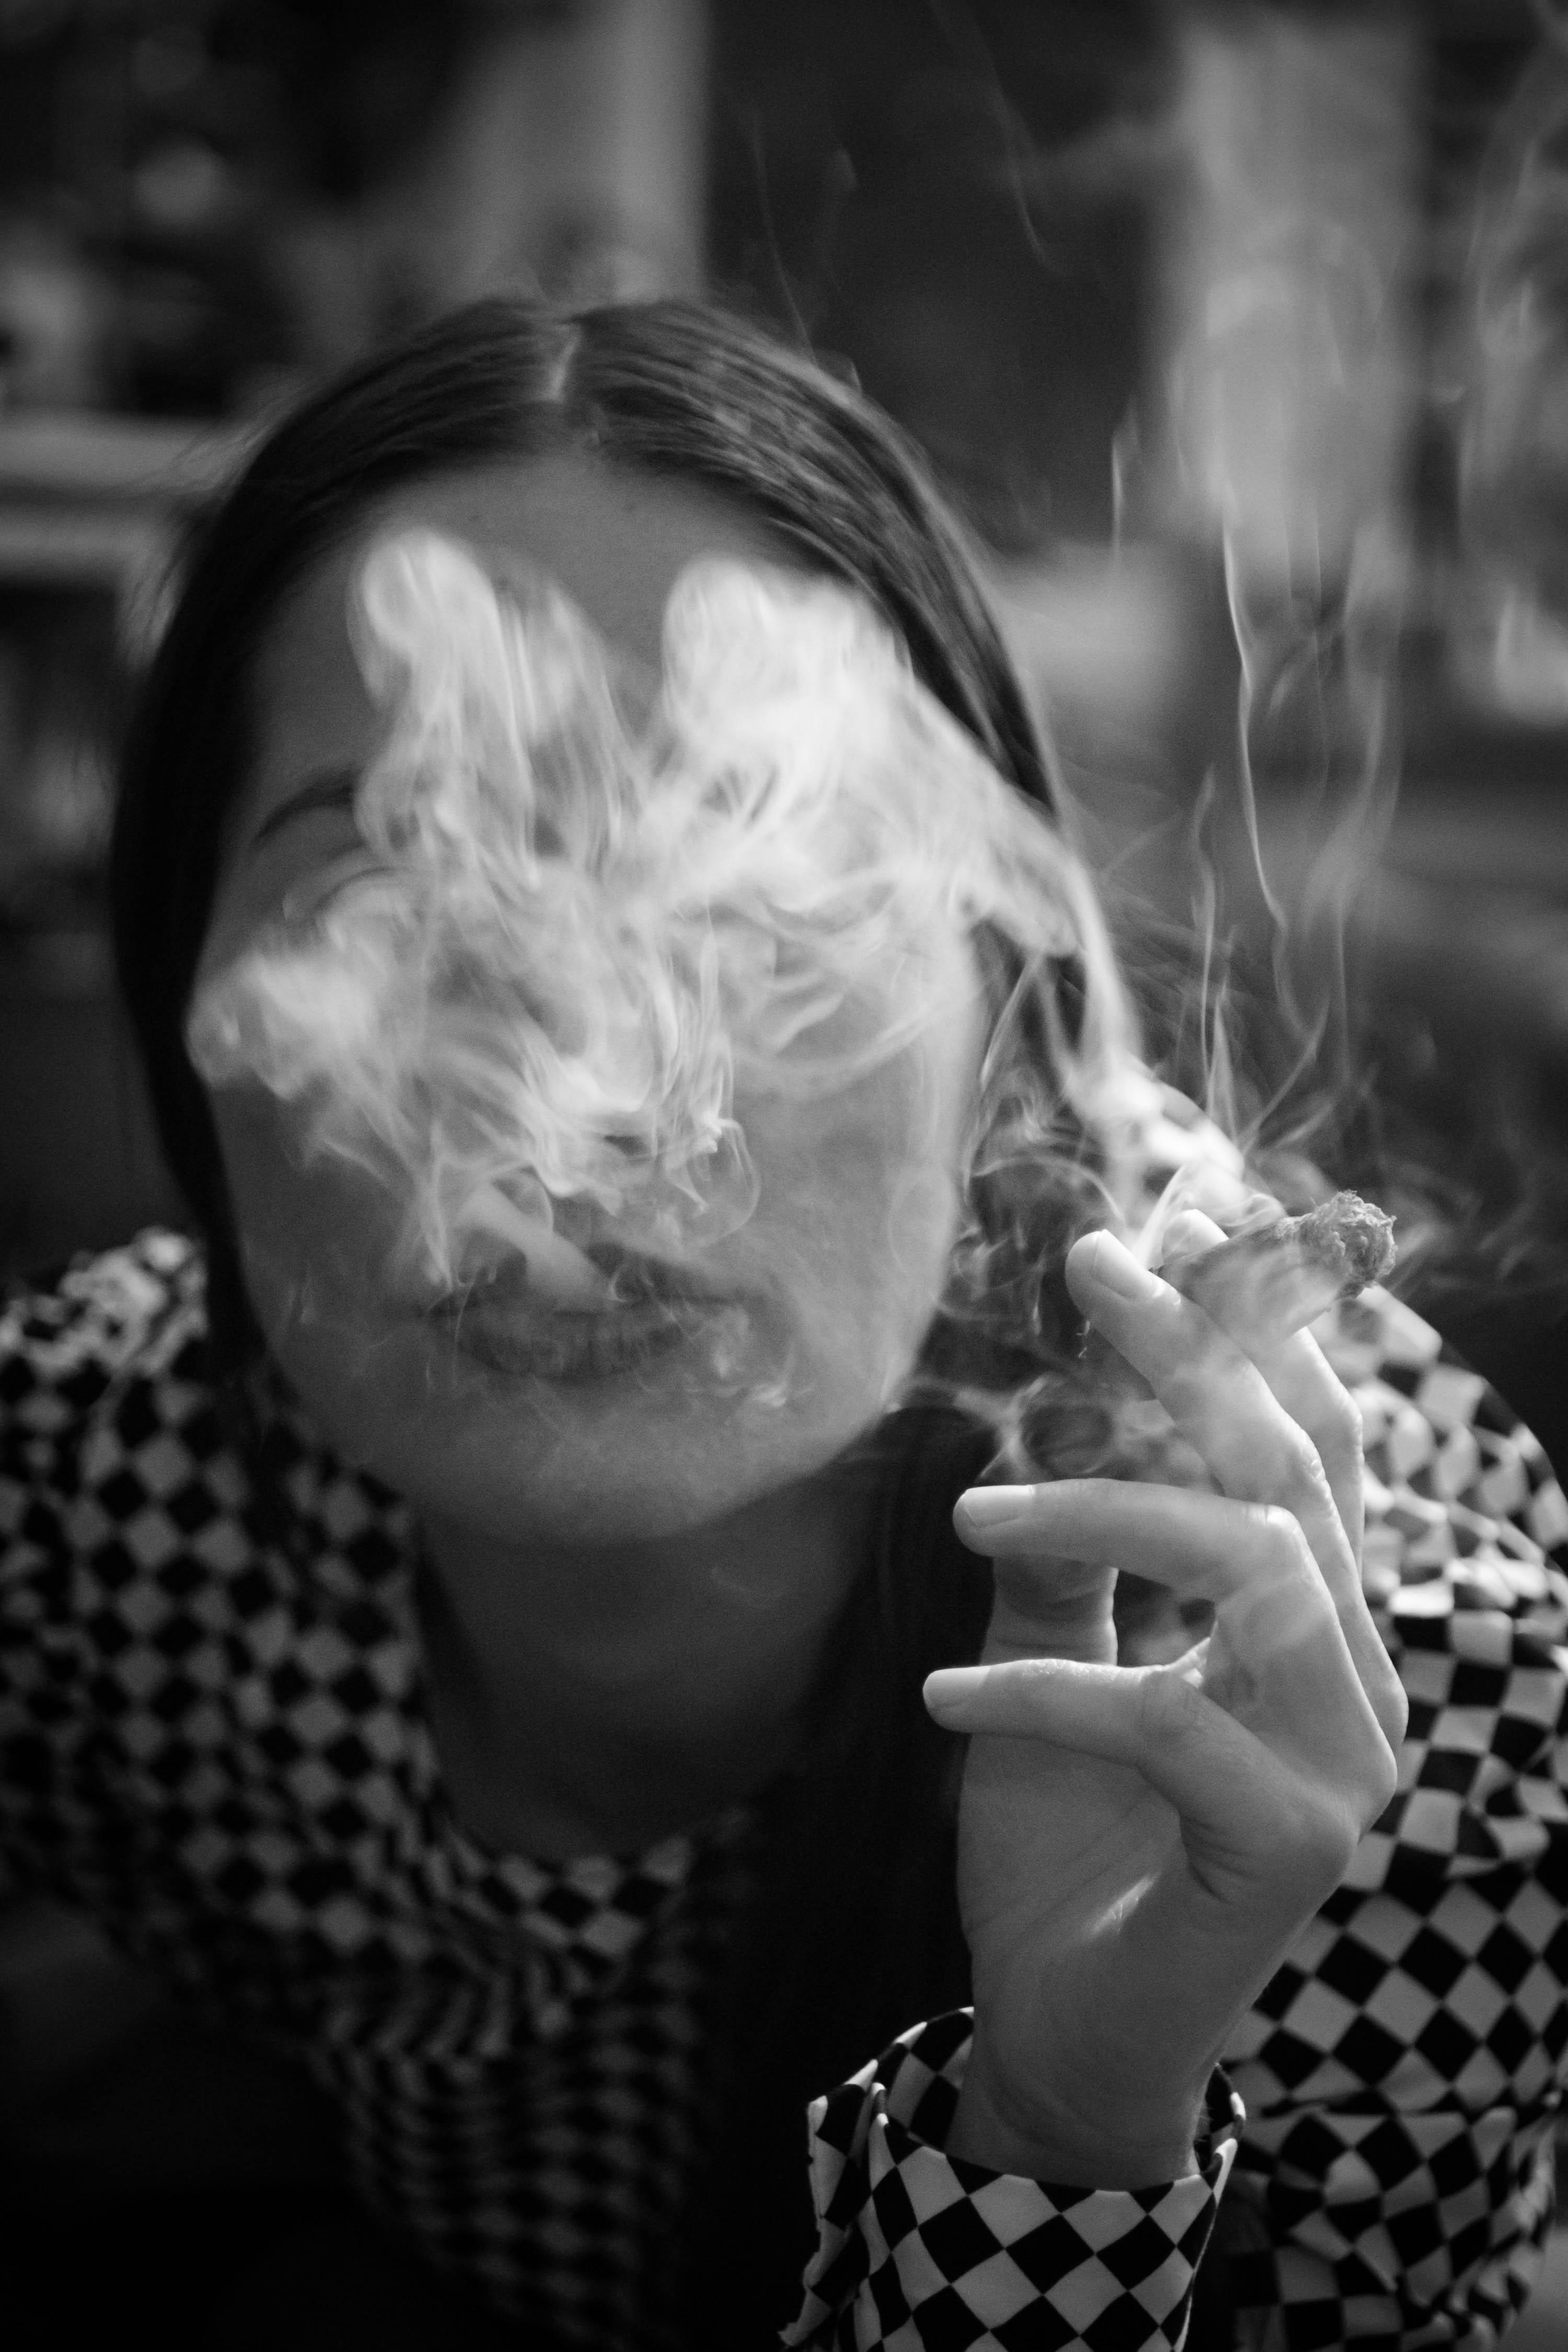 curandera smoke-9